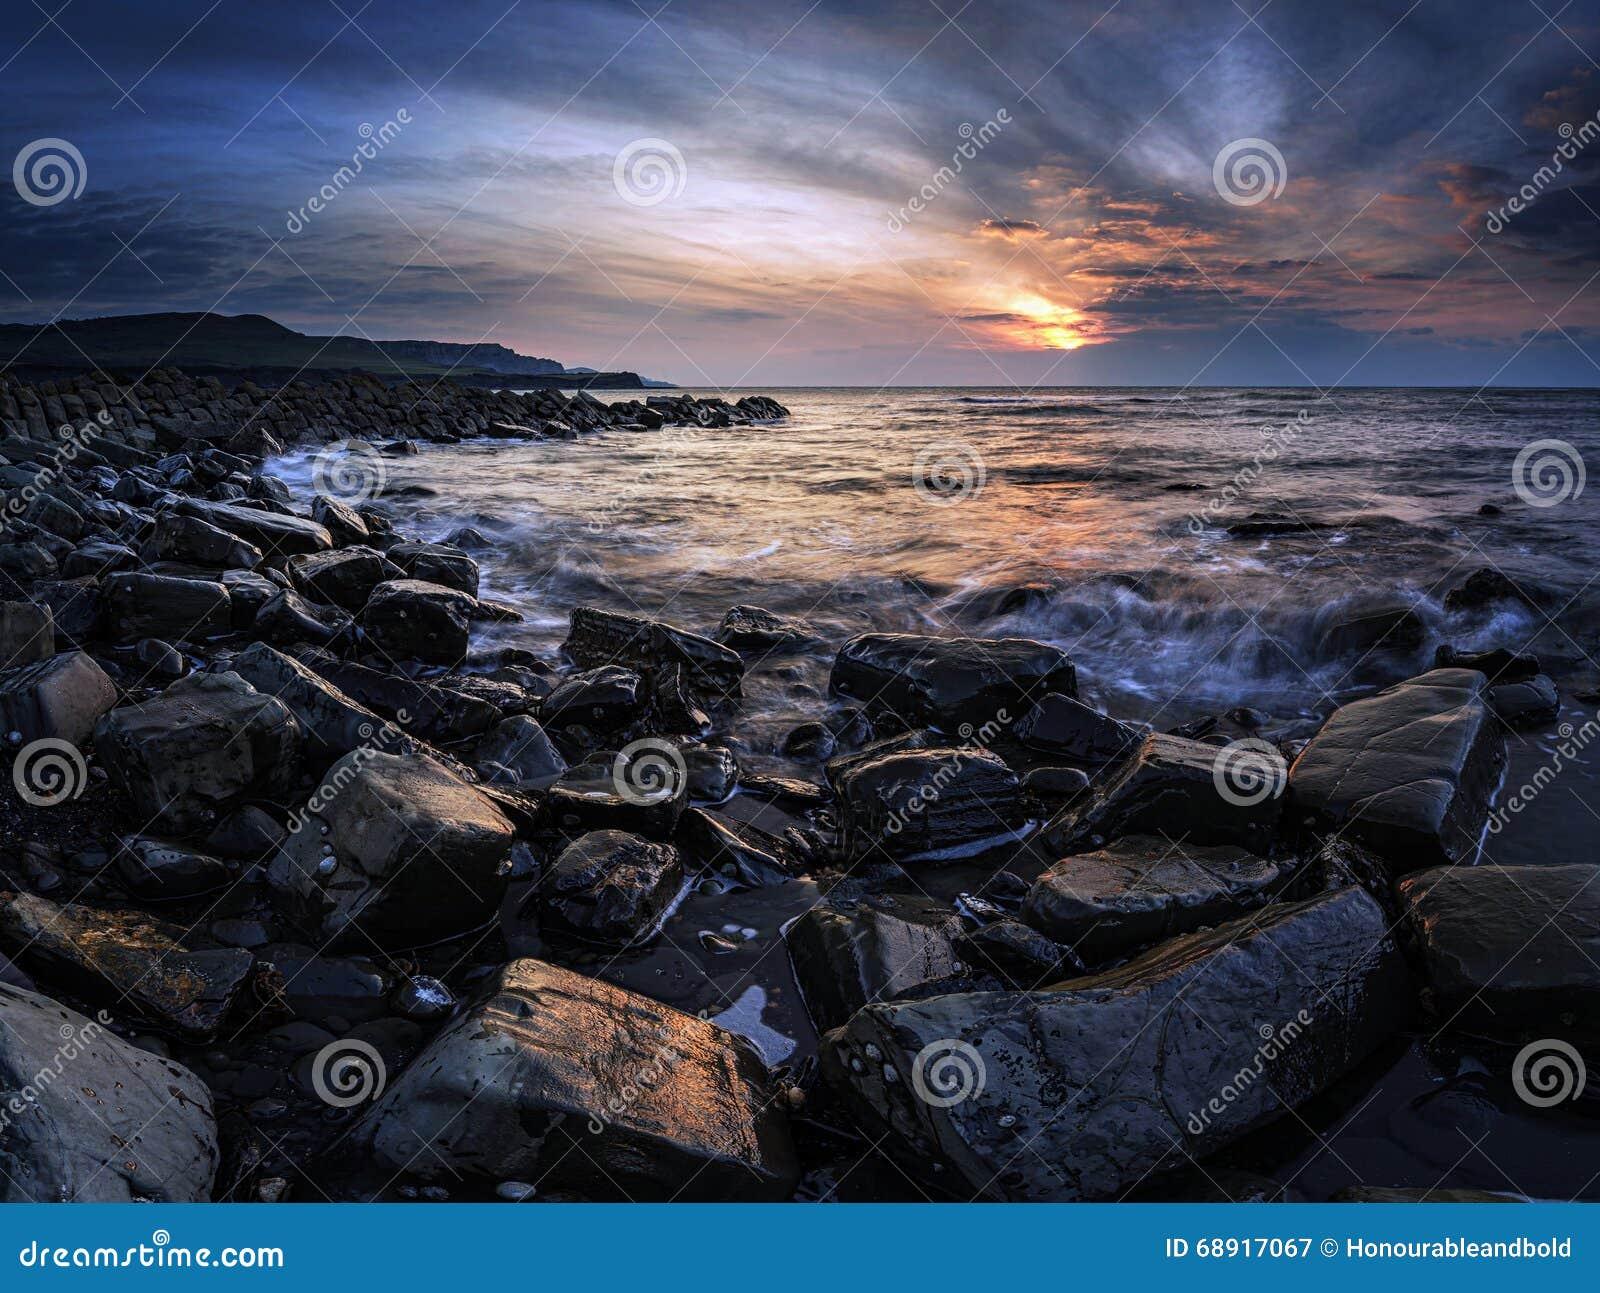 Imagen imponente del paisaje de la puesta del sol de la costa costa rocosa